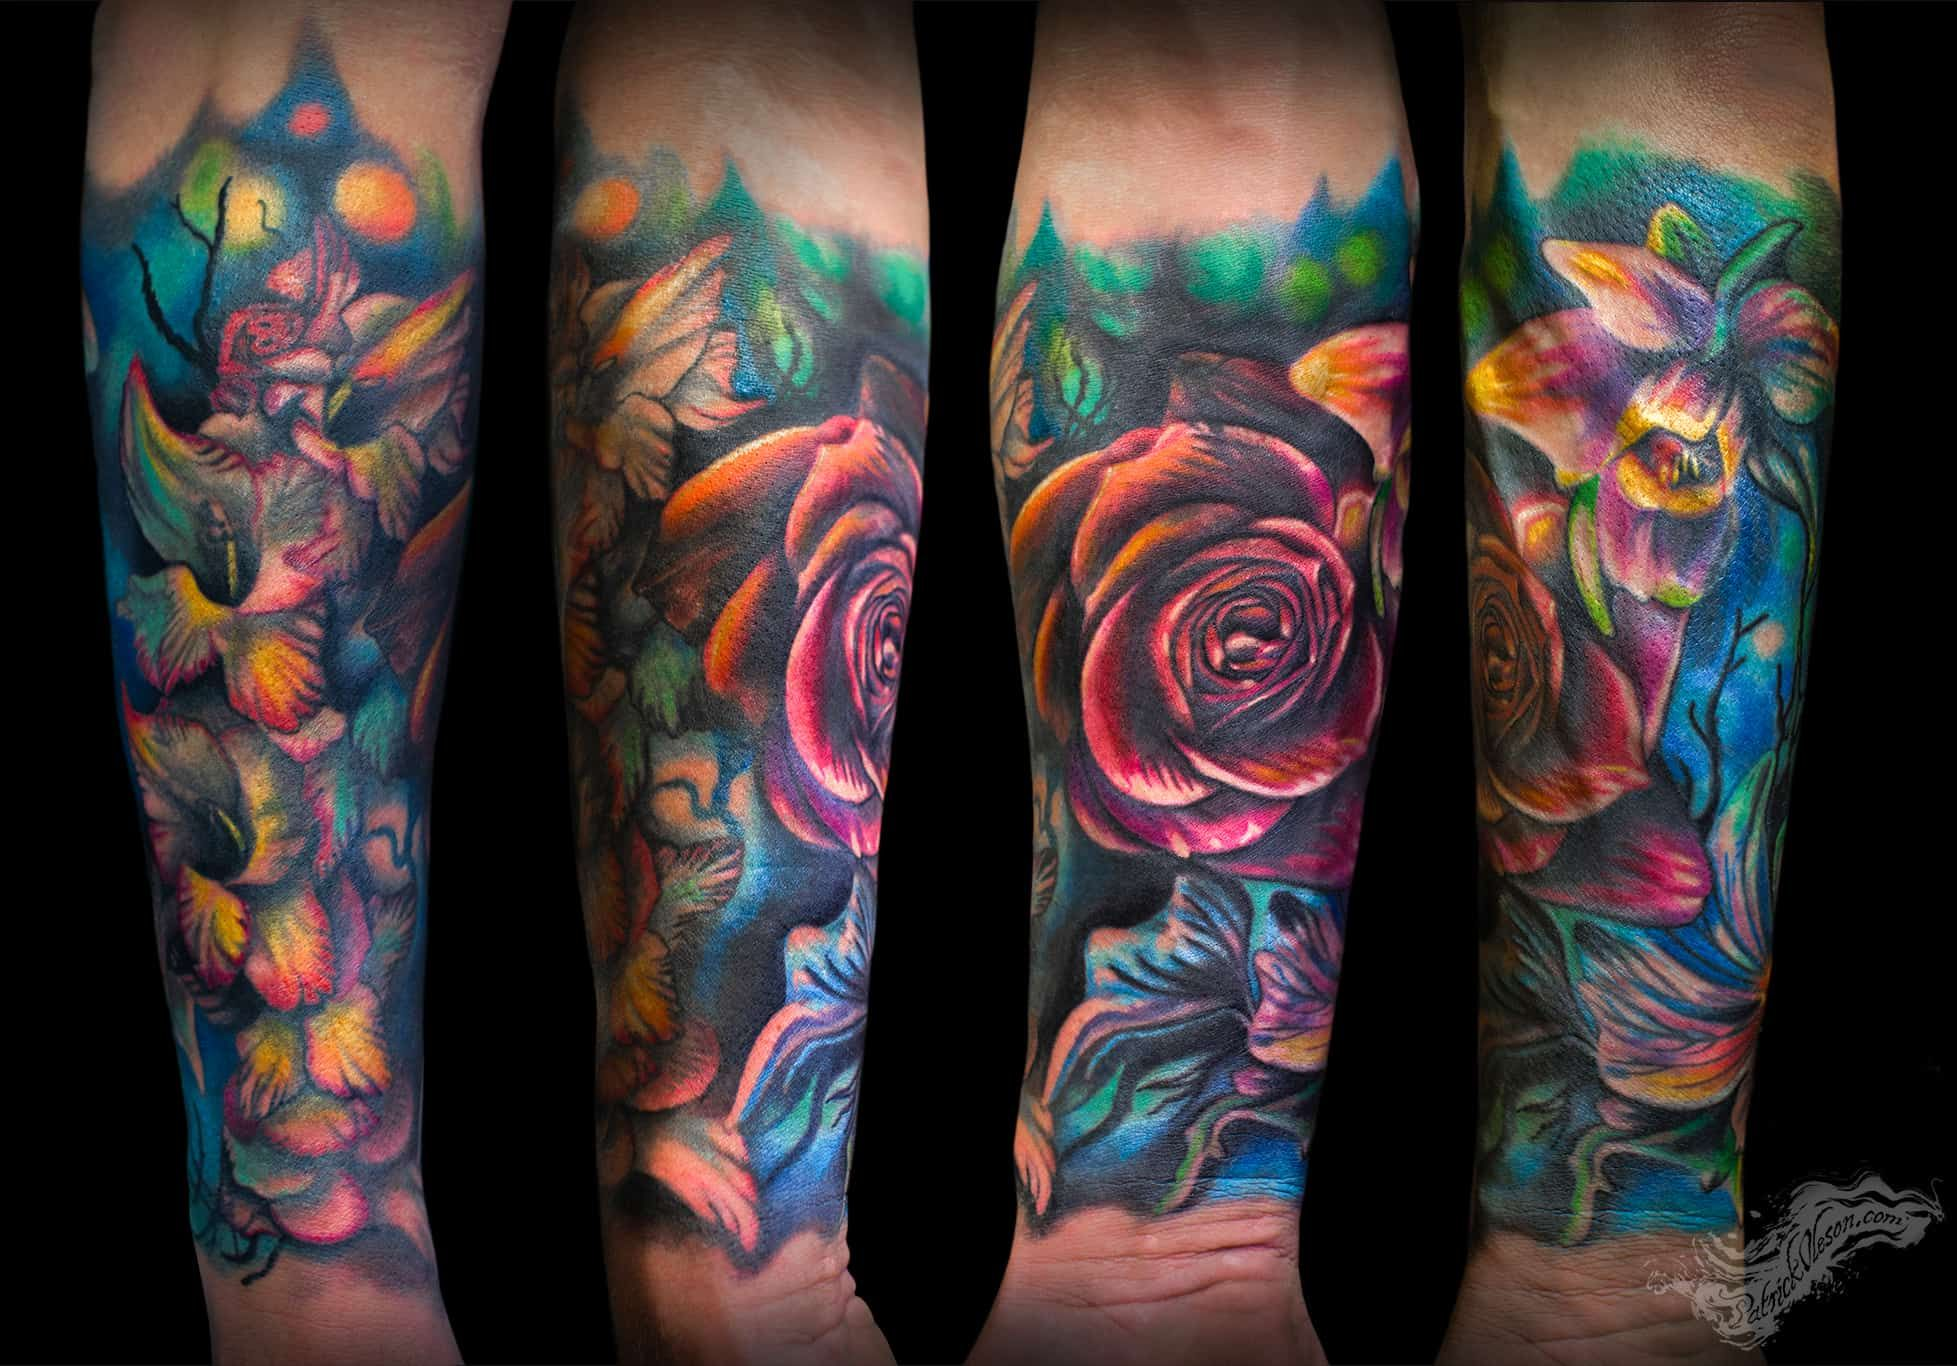 Green fox tattoo realistic tattoo shop in omaha ne